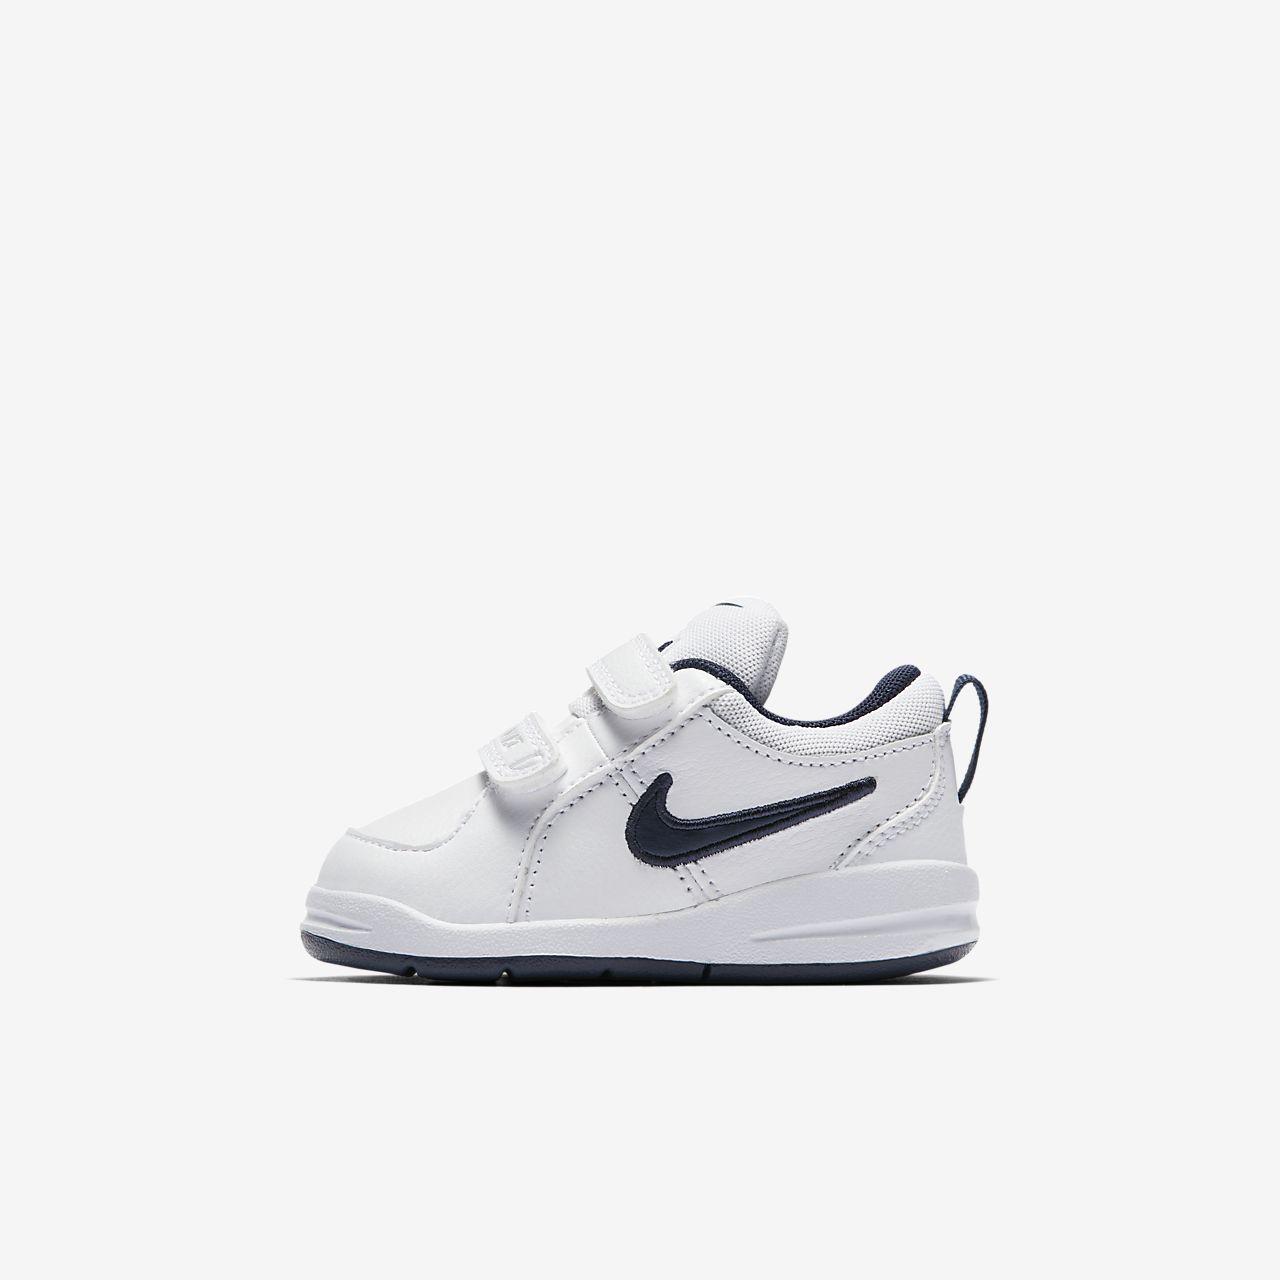 Nike Pico 4 Sabatilles - Nadó i infant